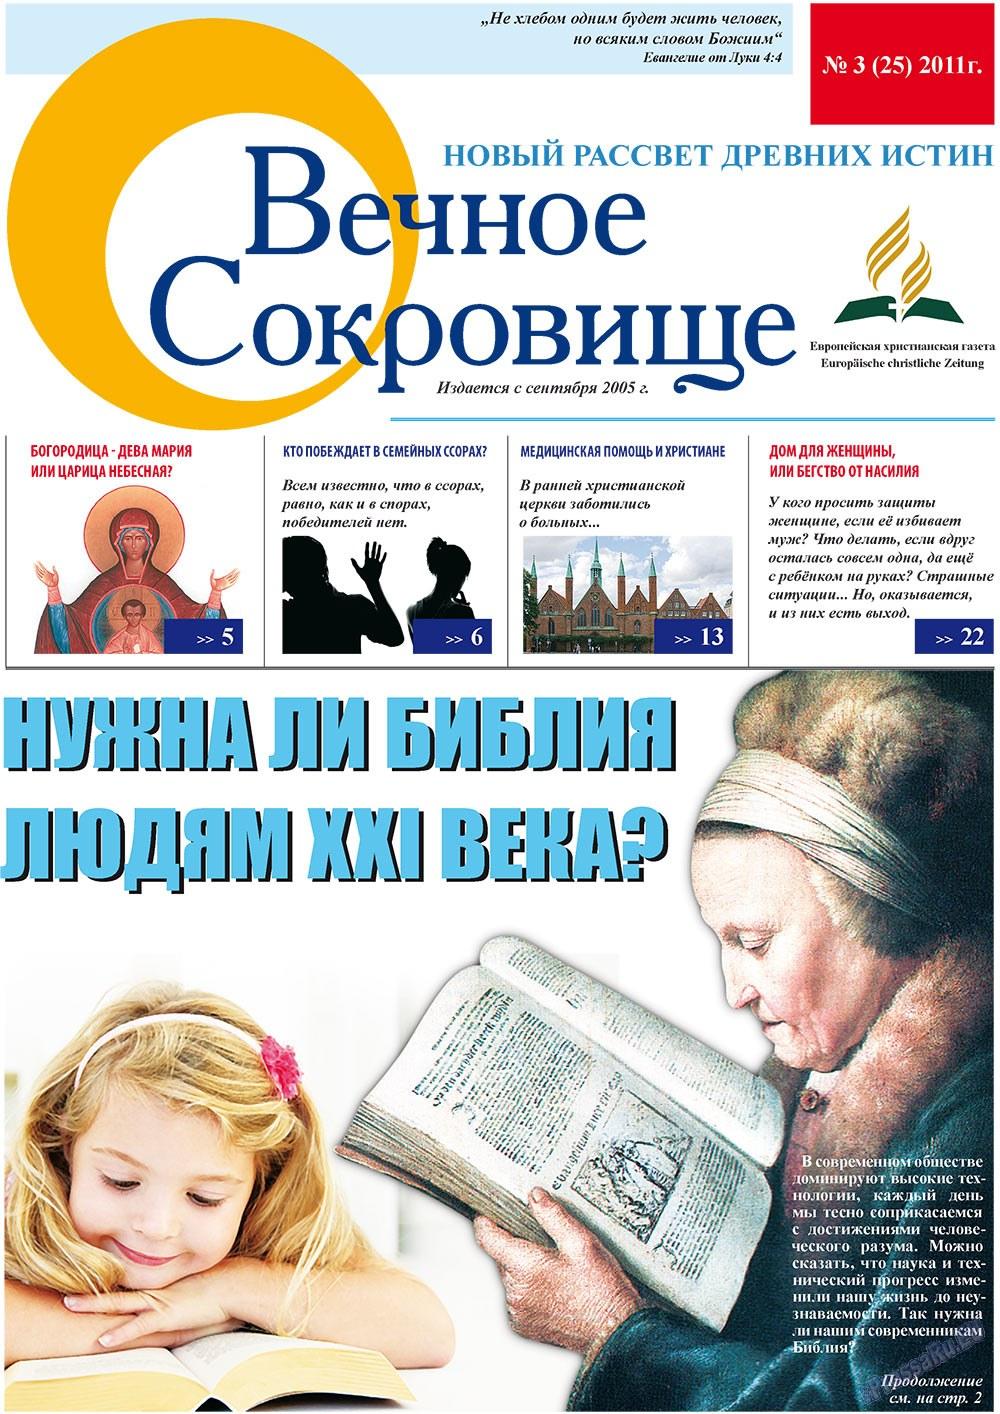 Вечное сокровище (газета). 2011 год, номер 3, стр. 1